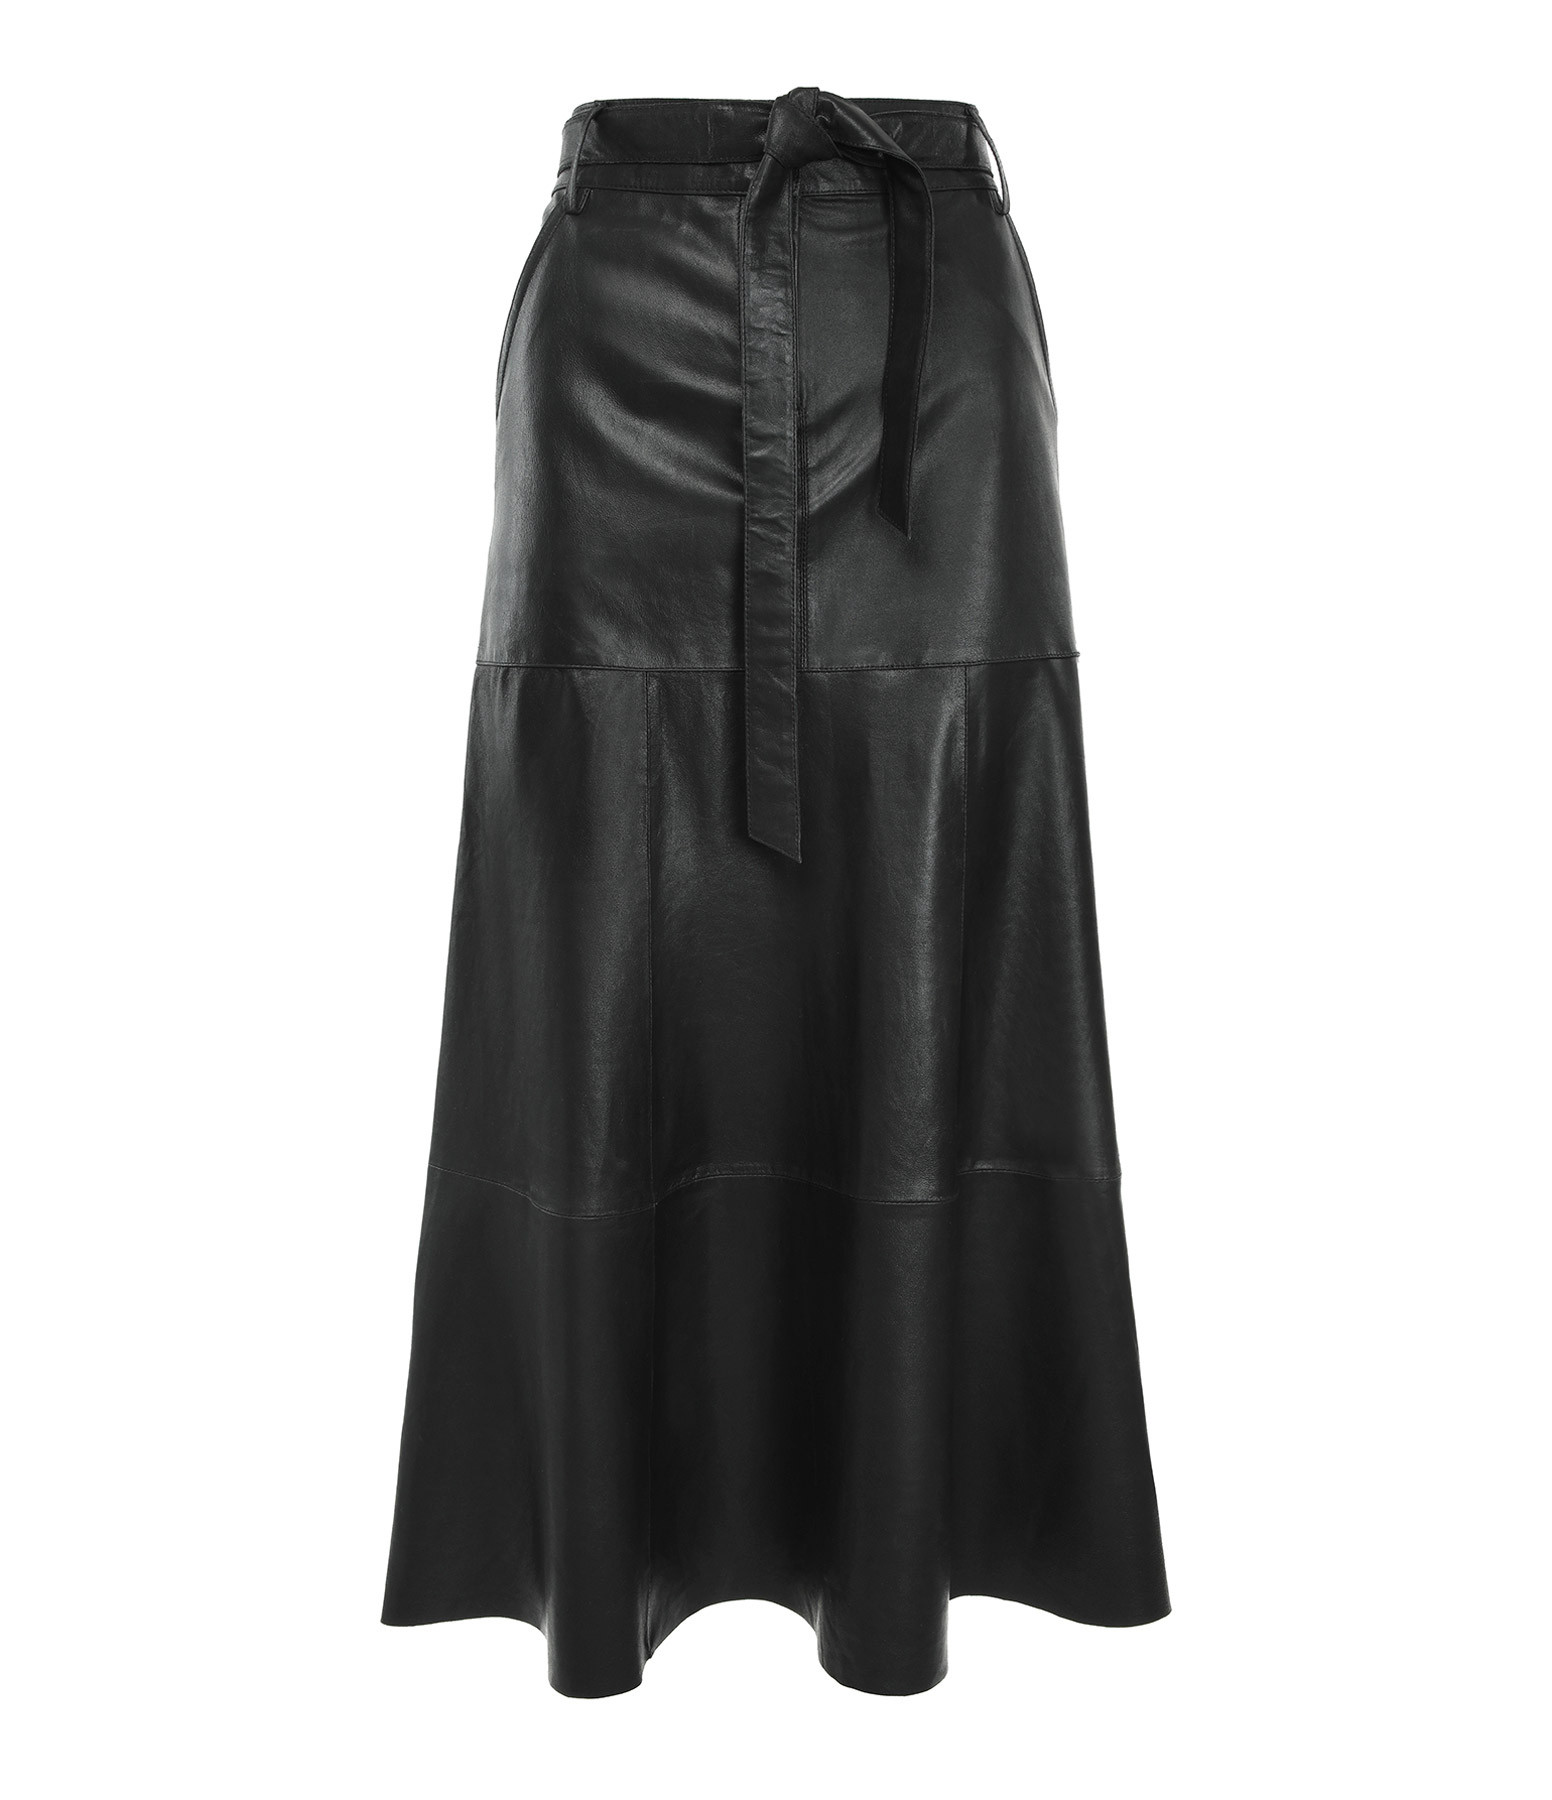 VENTCOUVERT - Jupe Cuir Noir